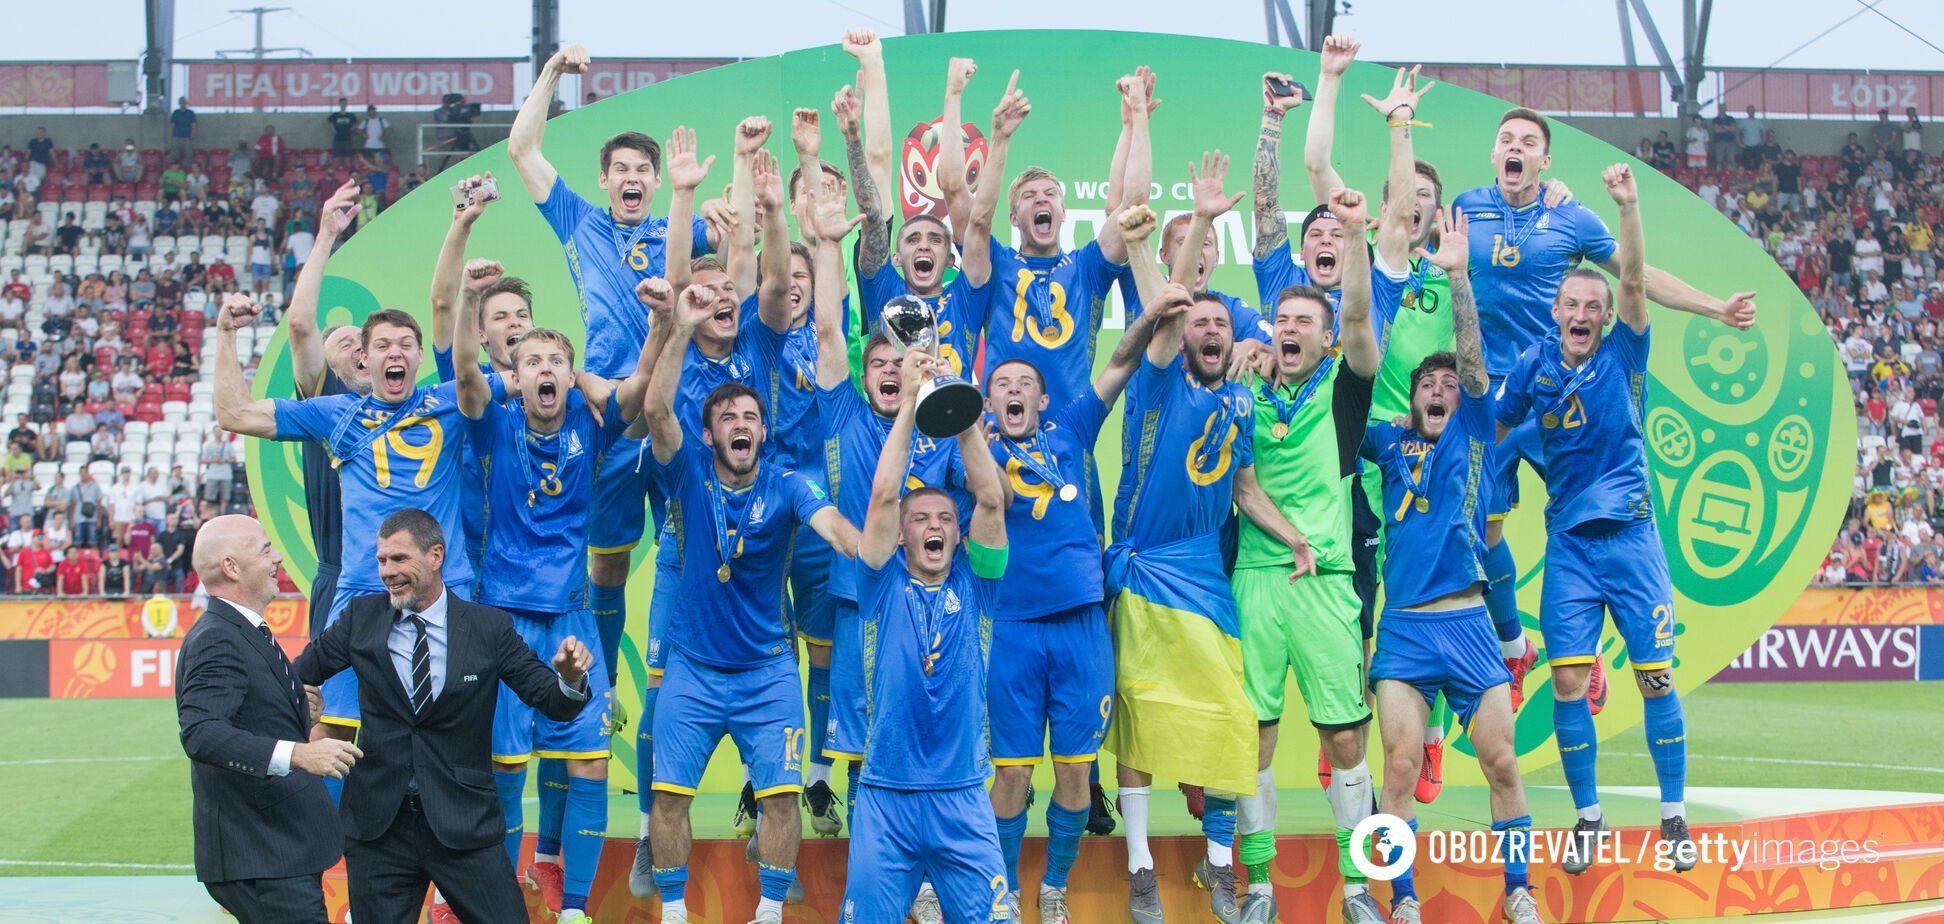 Сборная Украины U-20 празднует победу на чемпионате мира